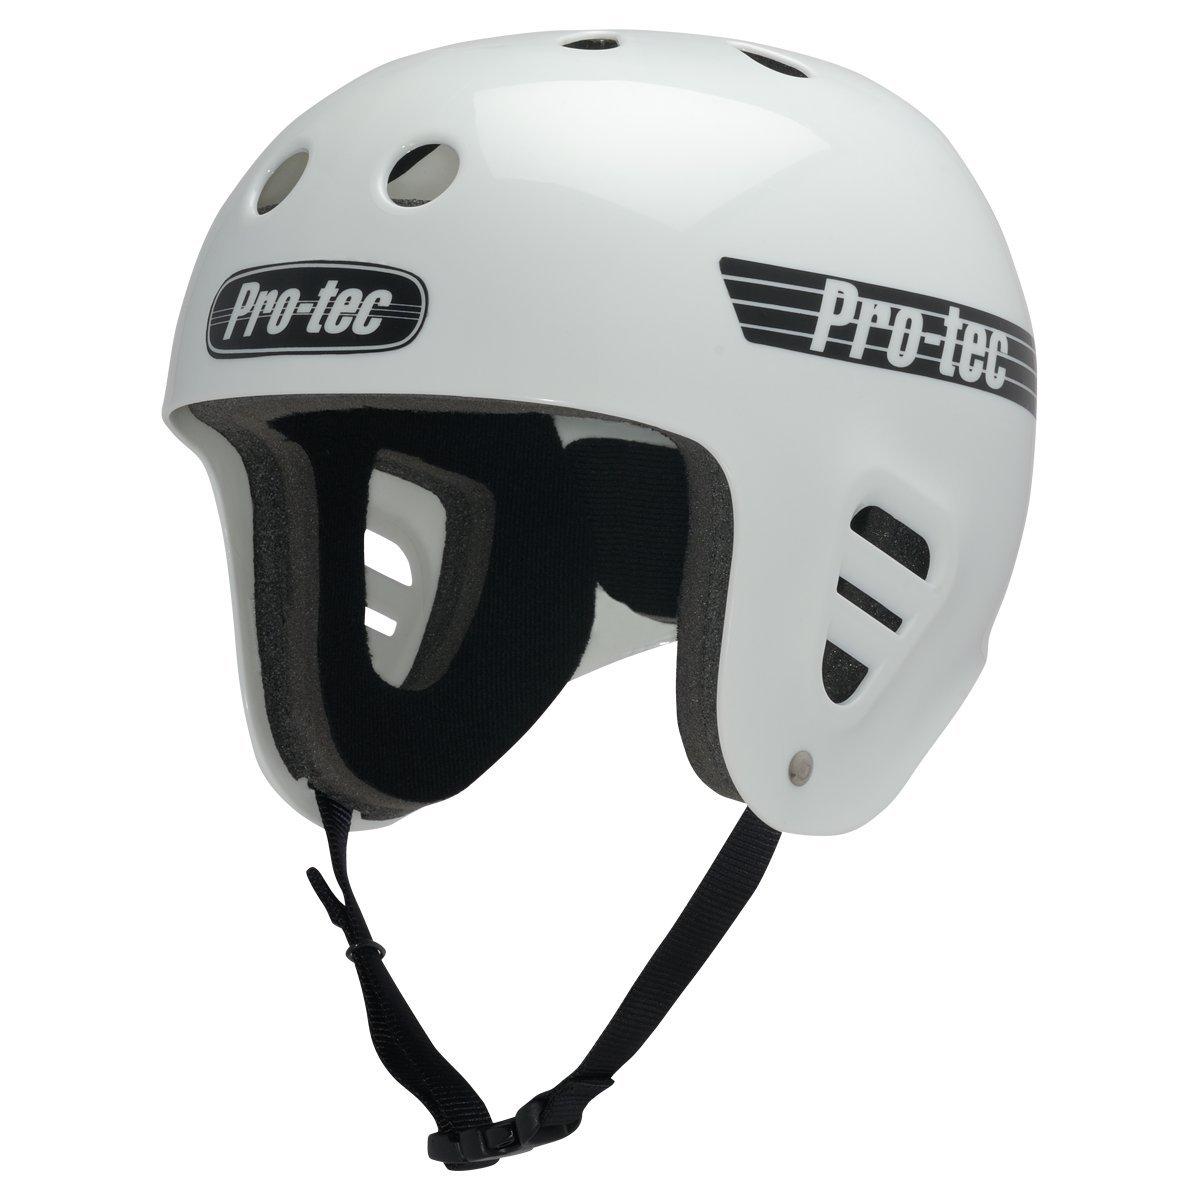 Pro-Tec Full Cut Skate, Gloss White, L